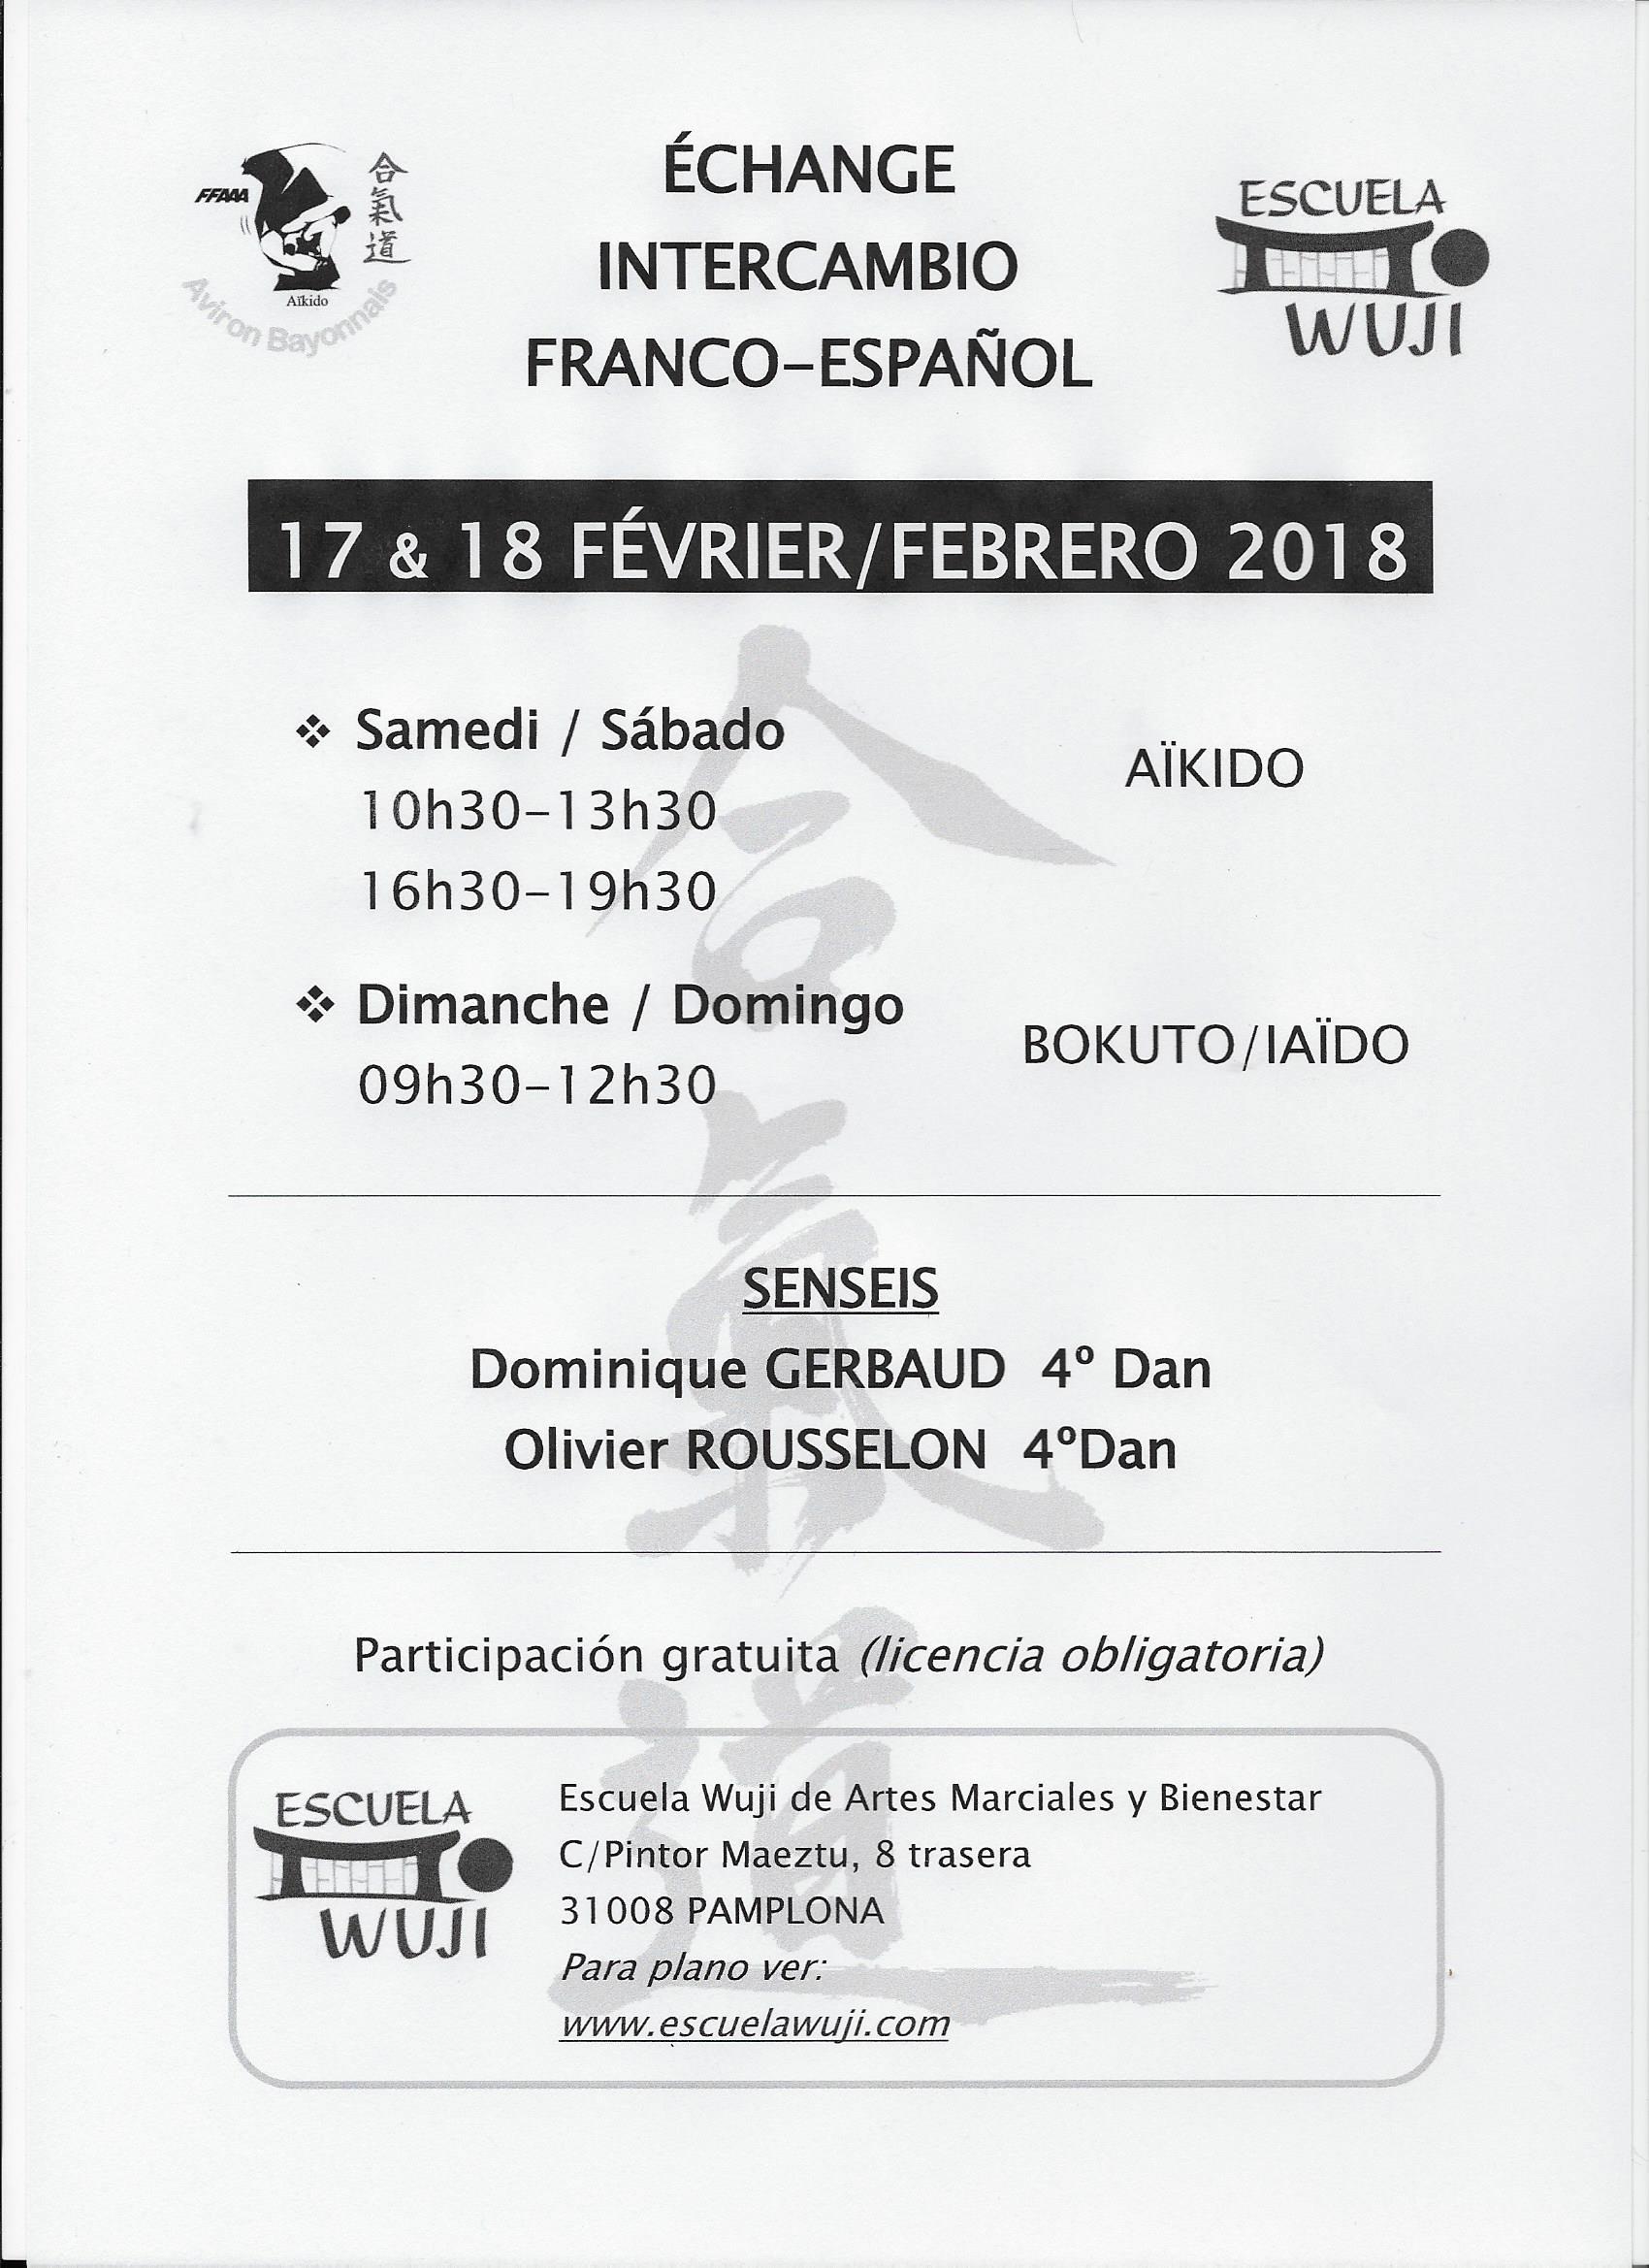 INTERCAMBIO FRANCO-ESPAÑOL  AIKIDO  17 Y 18 DE FEBRERO 2018